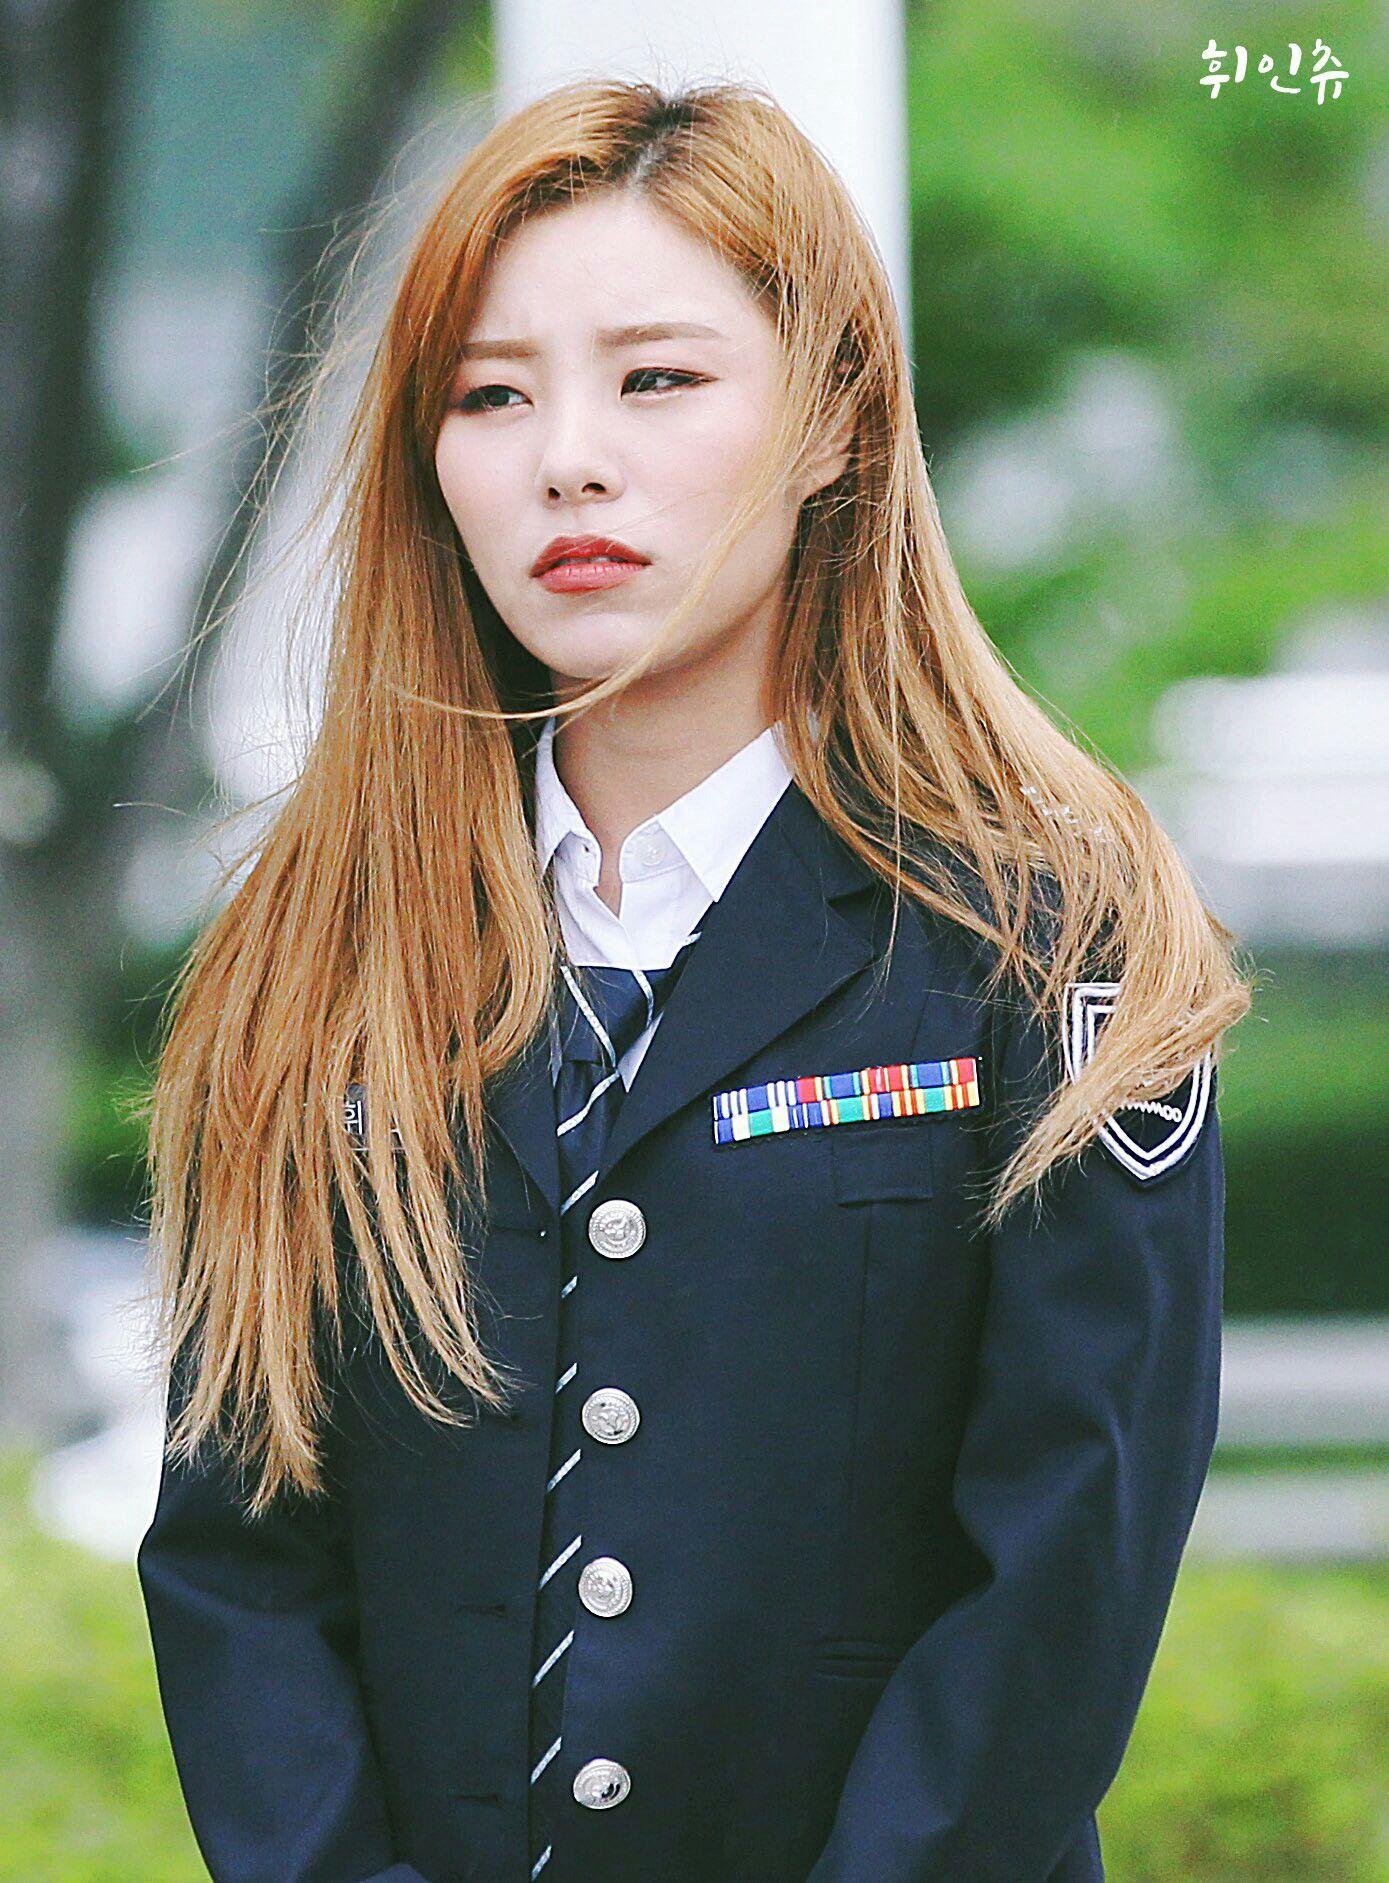 Chiến dịch đòi nợ bố mẹ sao đang khiến cả Hàn Quốc dậy sóng: Người bị truy nã quốc tế, mẹ Rain qua đời vẫn tai tiếng - Ảnh 9.